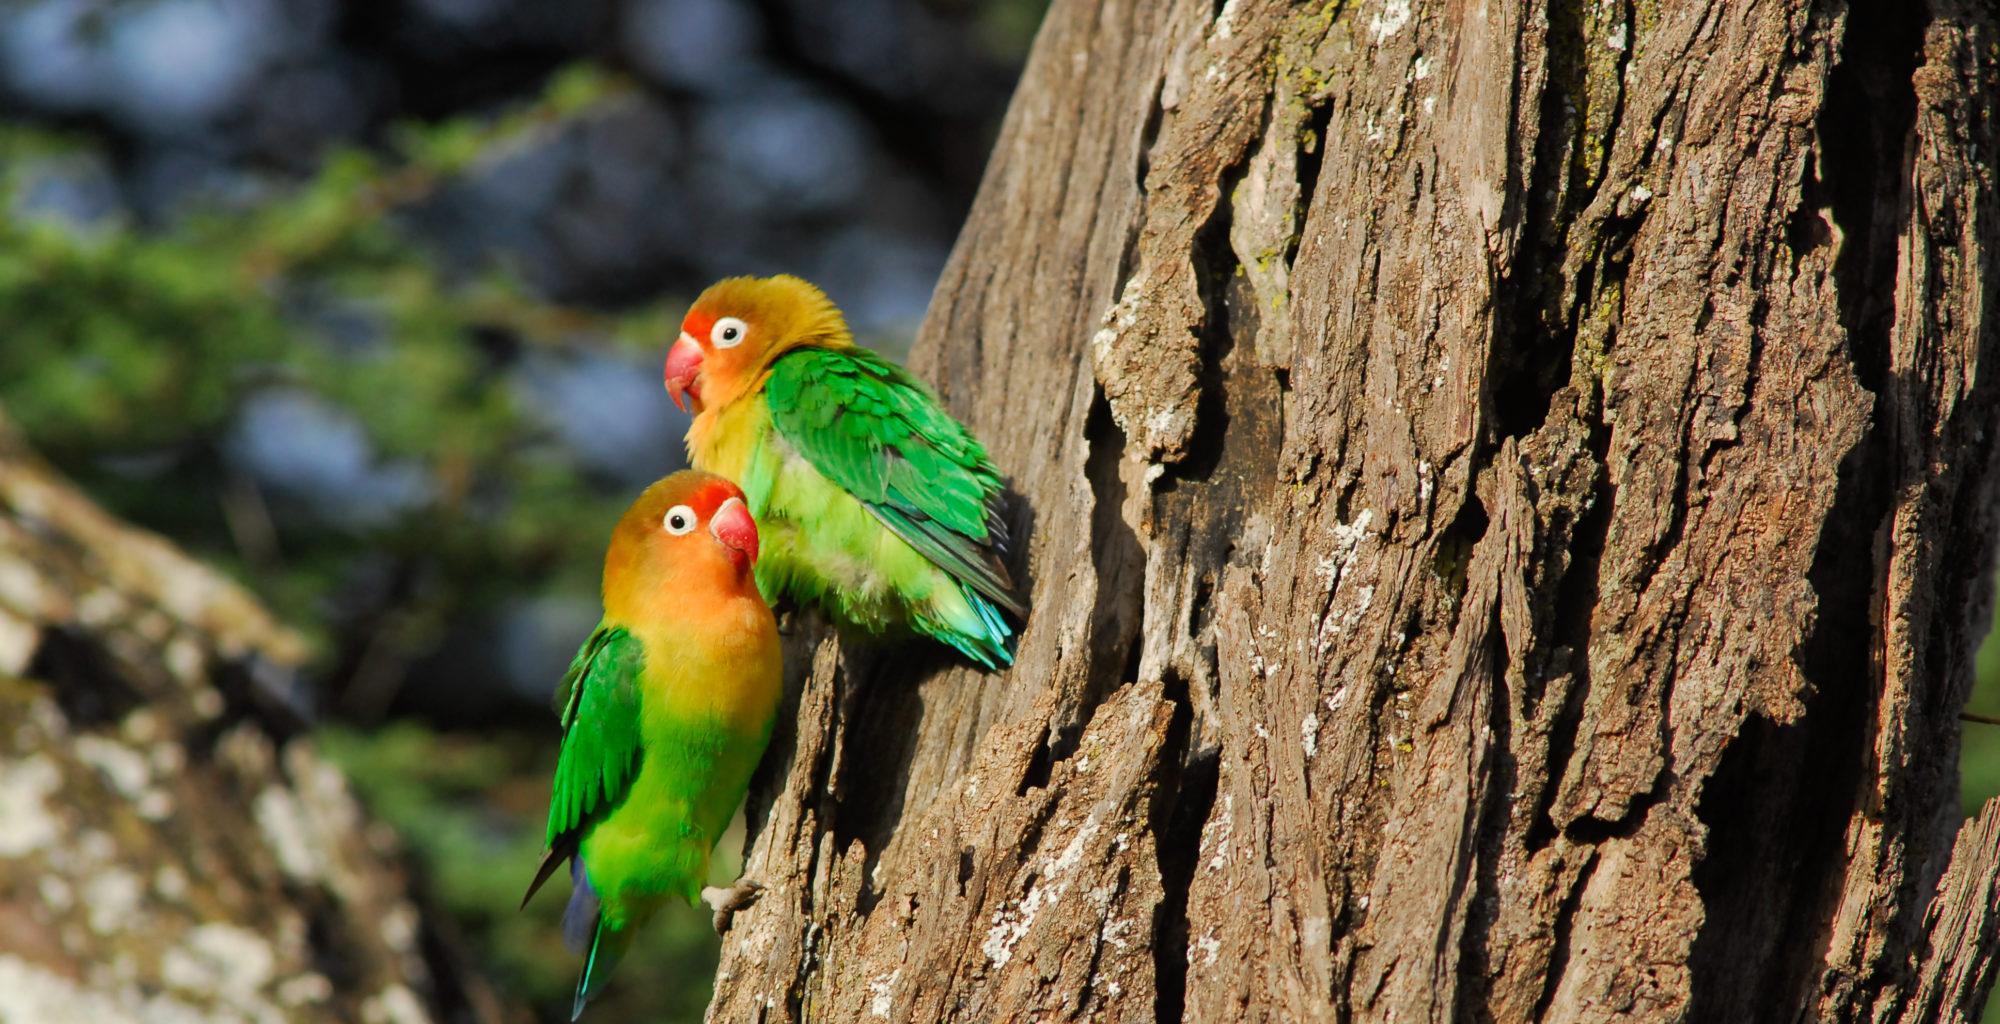 Dorobo Safaris Tanzania Bird